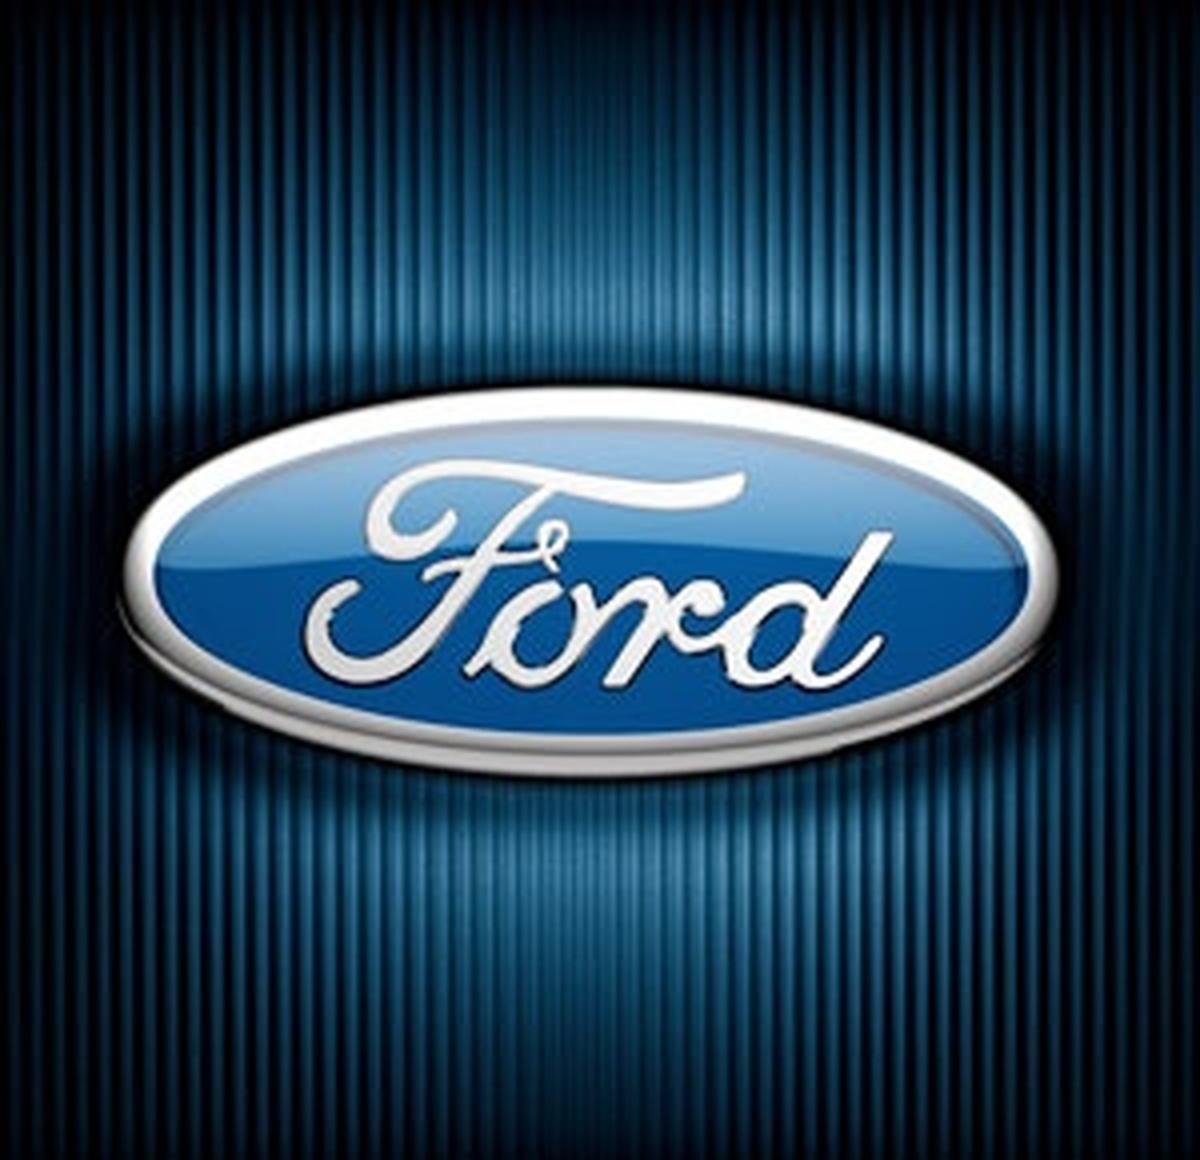 فورد تمام خودروهایش را در اروپا تا سال ۲۰۳۰ الکتریکی میکند